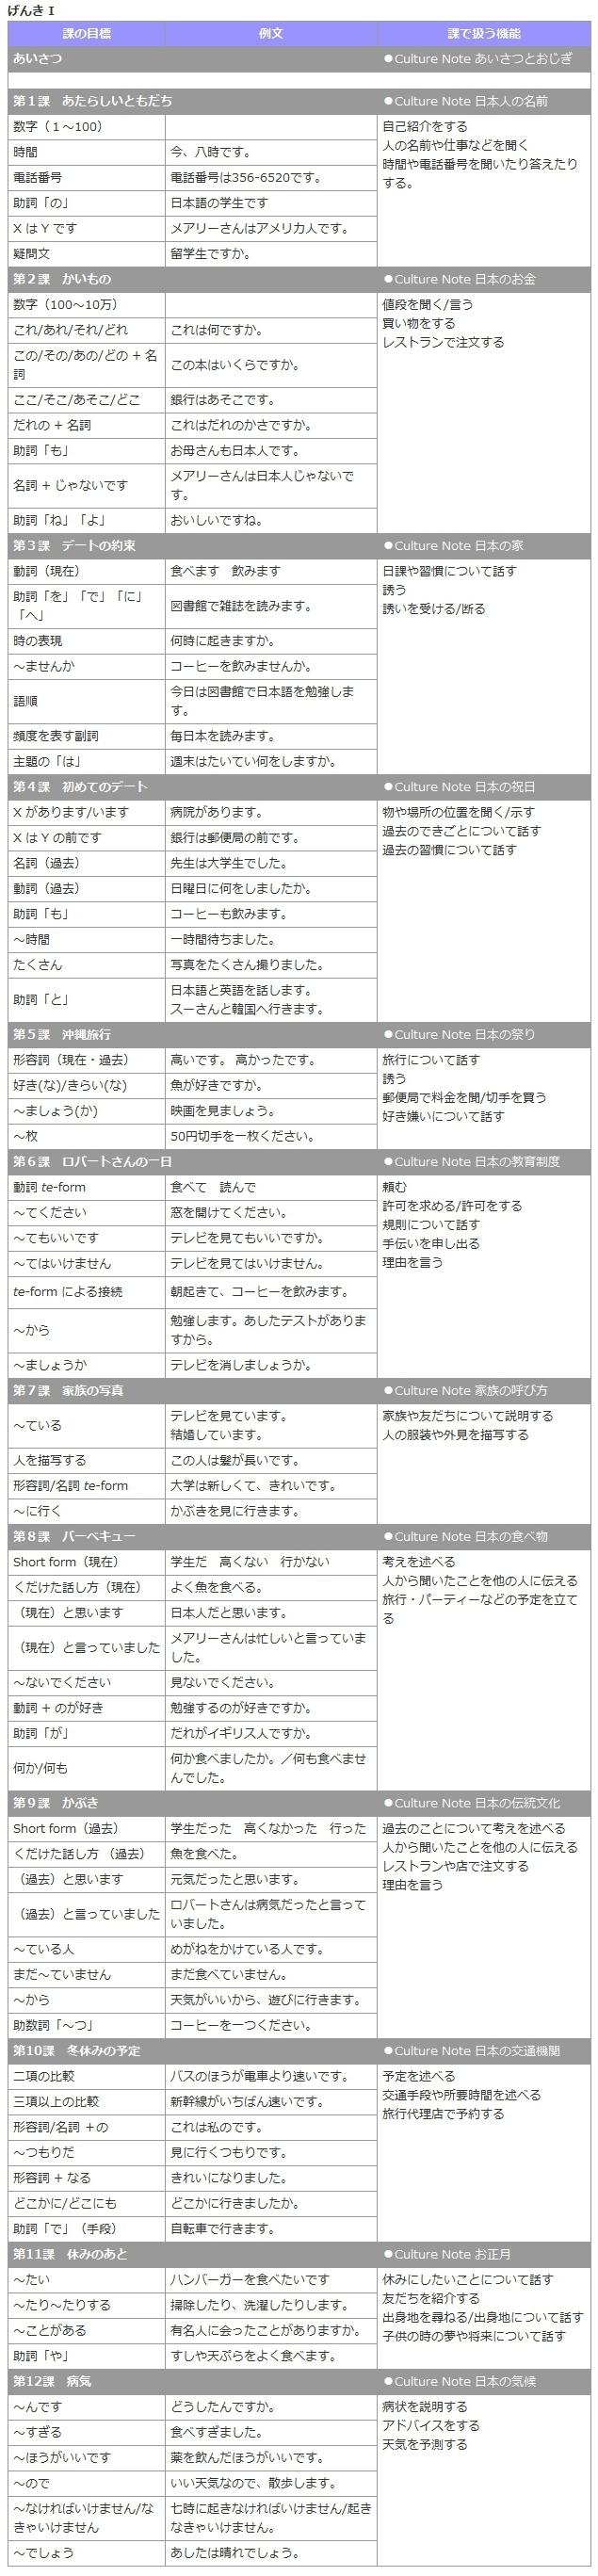 План изучения Genki